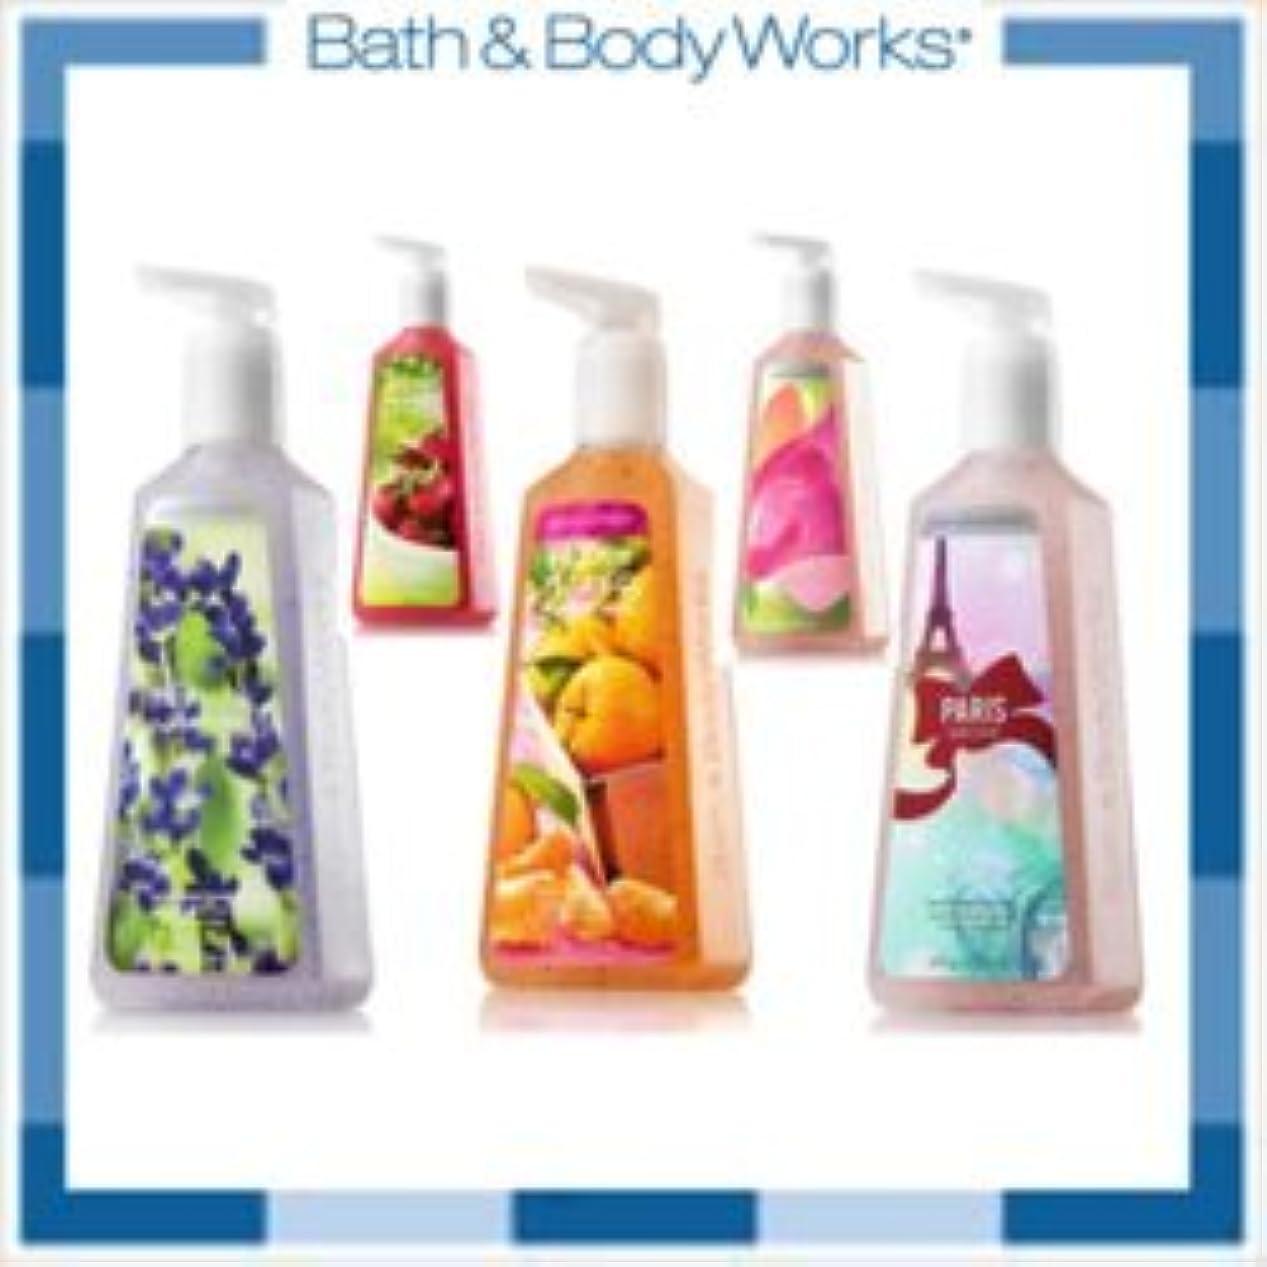 アマゾンジャングル民族主義魅力Bath & Body Works ハンドソープ 8本詰め合わせセット (???????、??????????????or MIX) 【平行輸入品】 (ディープクレンジング  (8本))